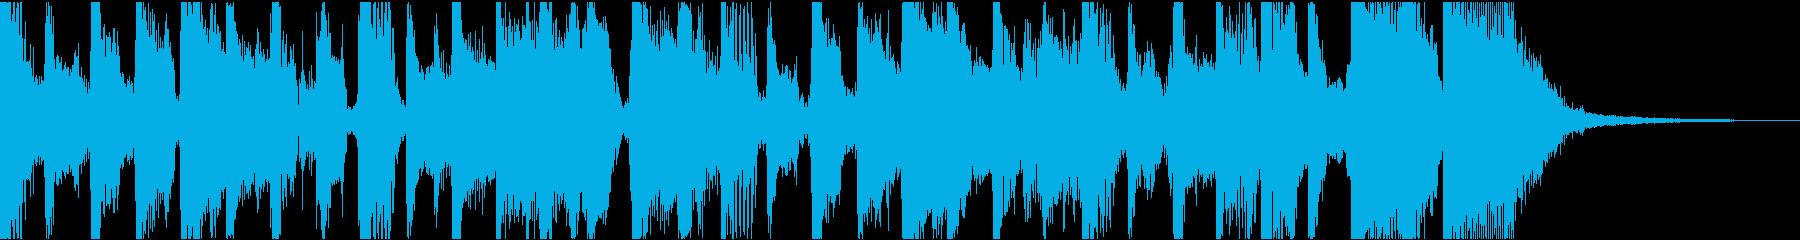 のんき、軽快ファンク系ジングル(11秒)の再生済みの波形